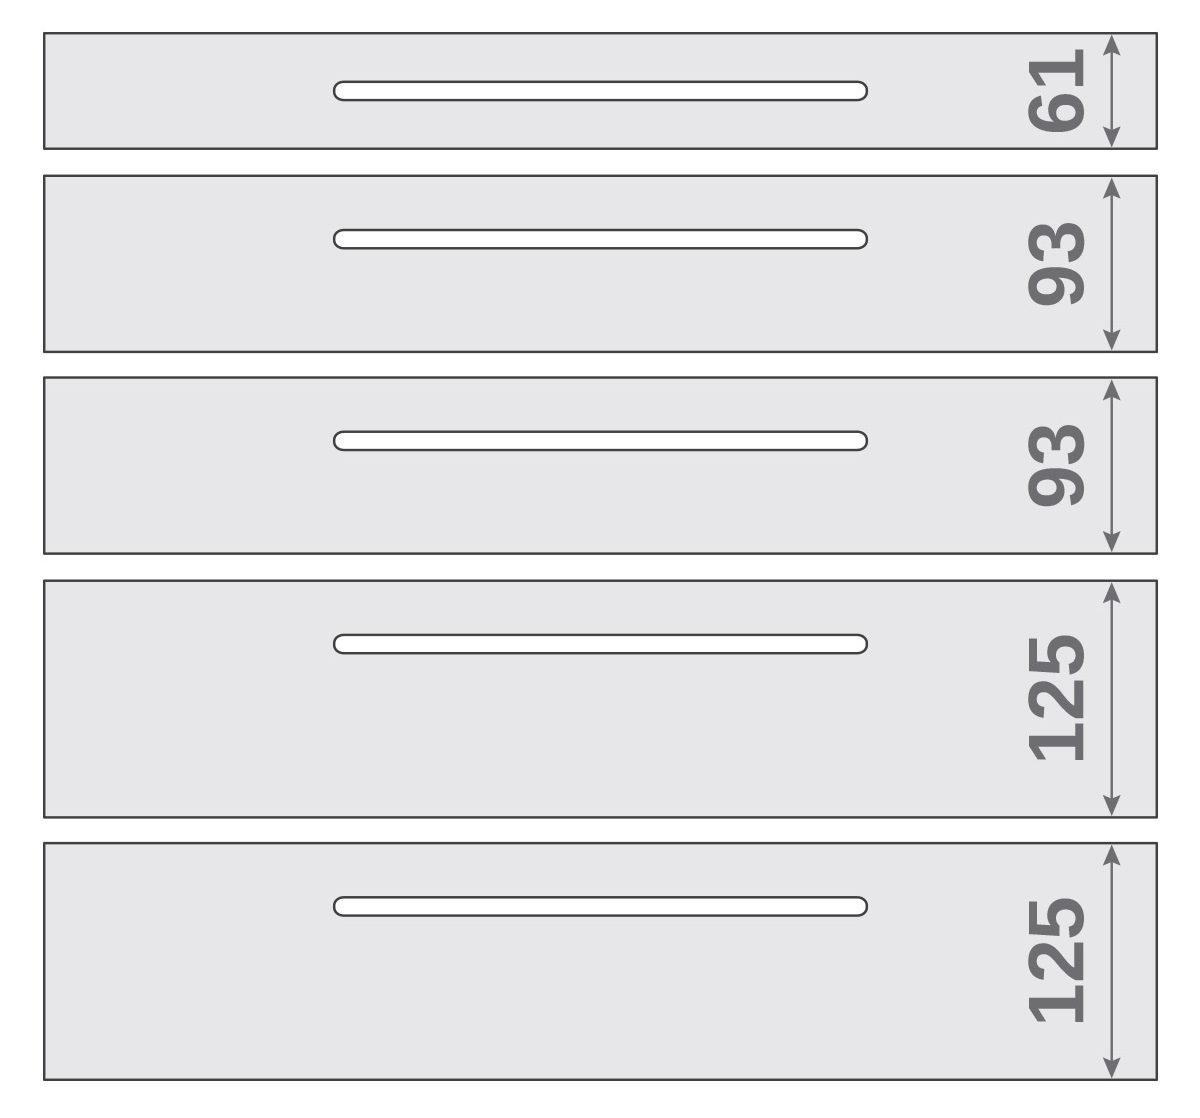 ПАНОК-СОЛО 600 long (каталожний номер 15.1-15.6), Каталожний номер 15.2